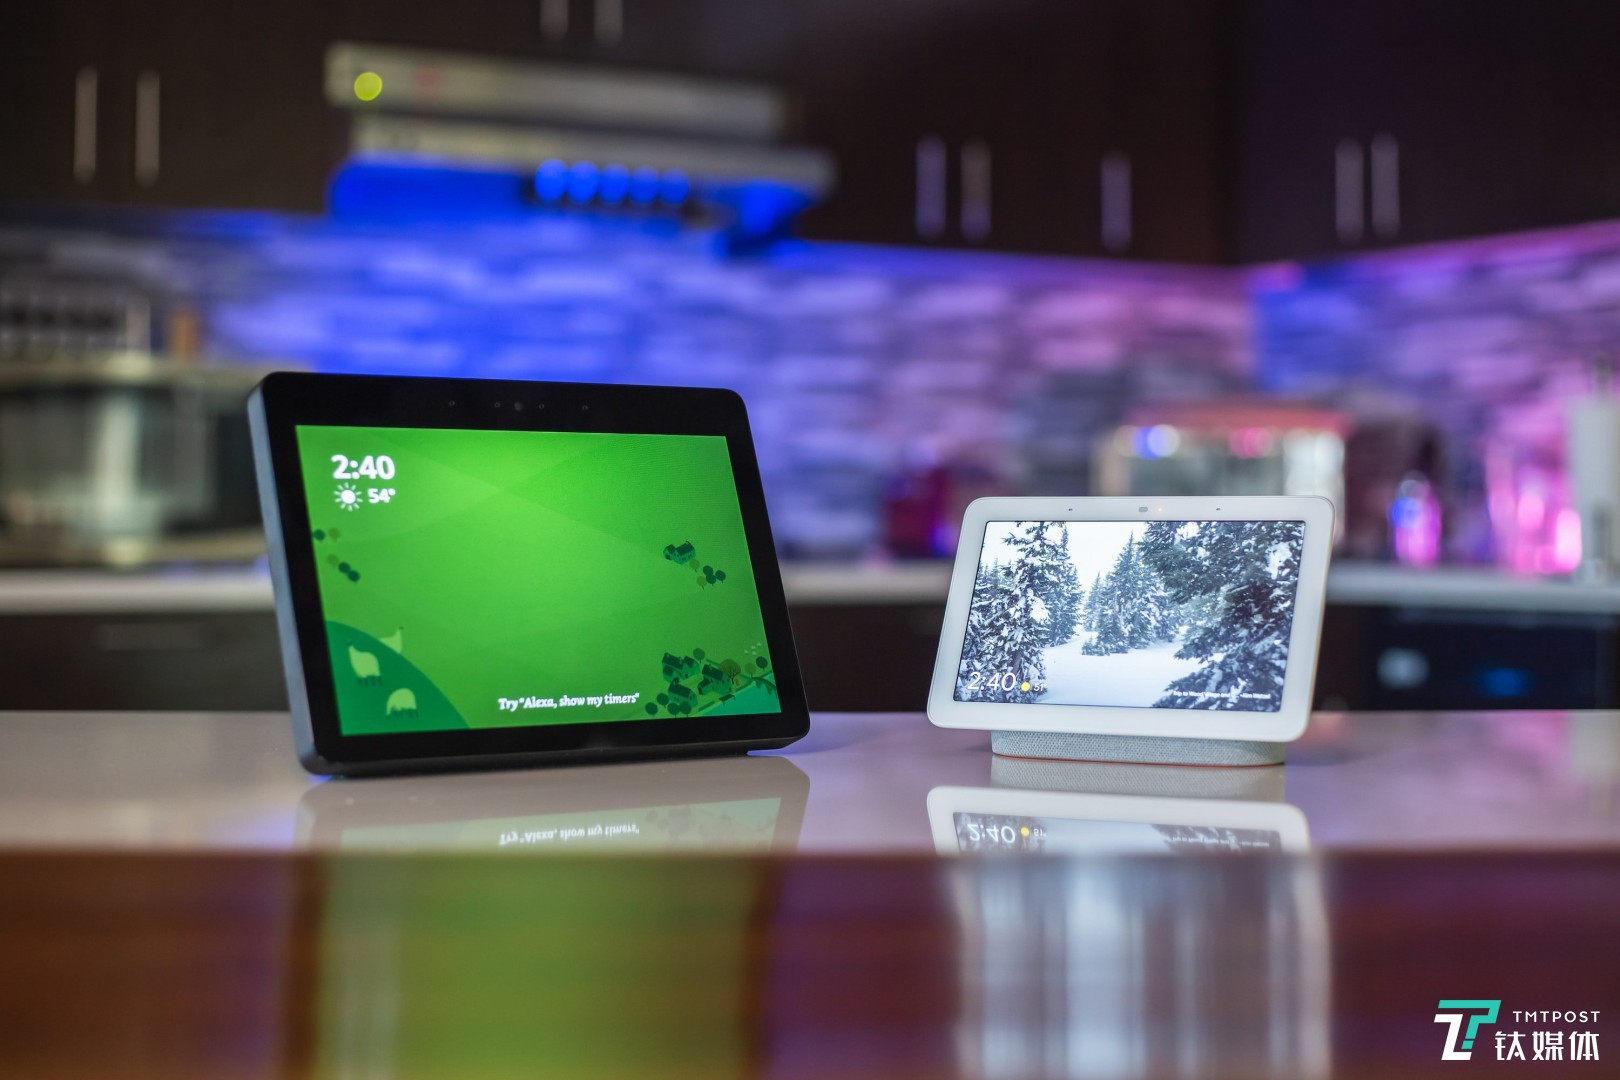 为什么不看好带屏智能音箱?屏幕是补充功能还是多余?